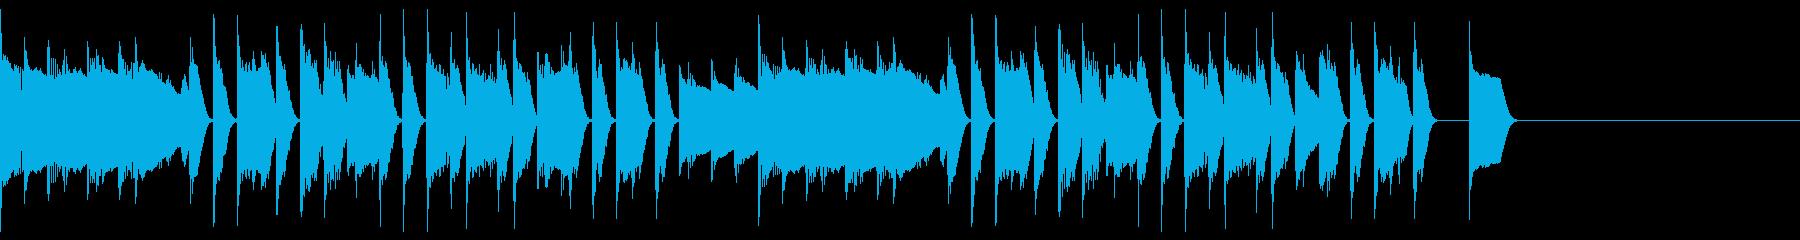 ほのぼのとしたピアノのジングル10の再生済みの波形